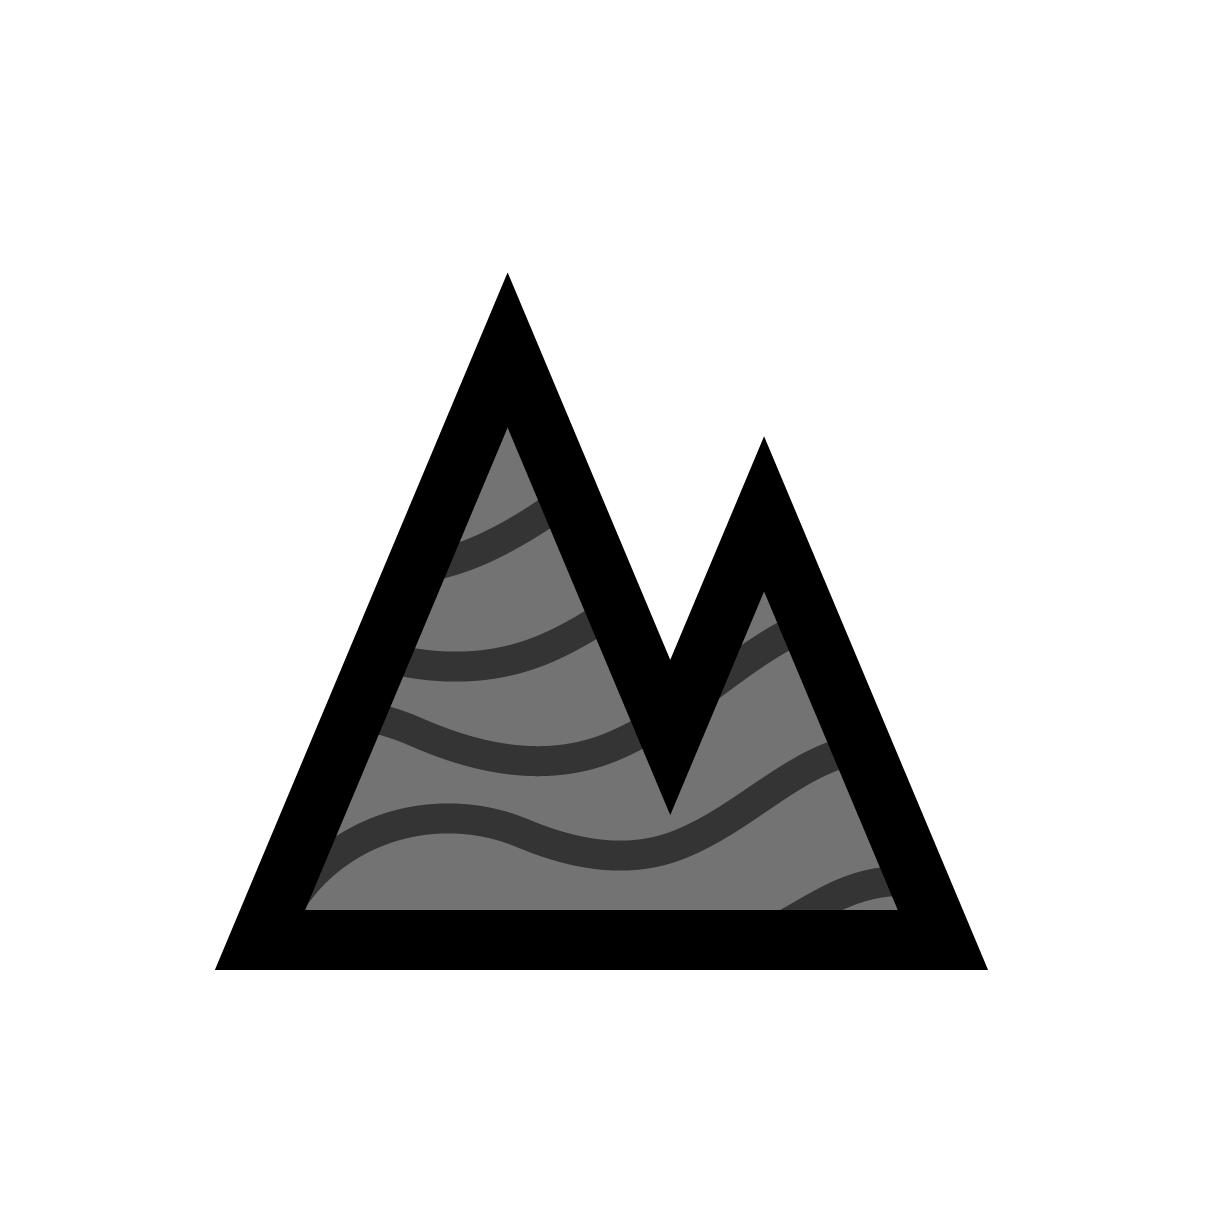 atlas_icon_wallpaper-01